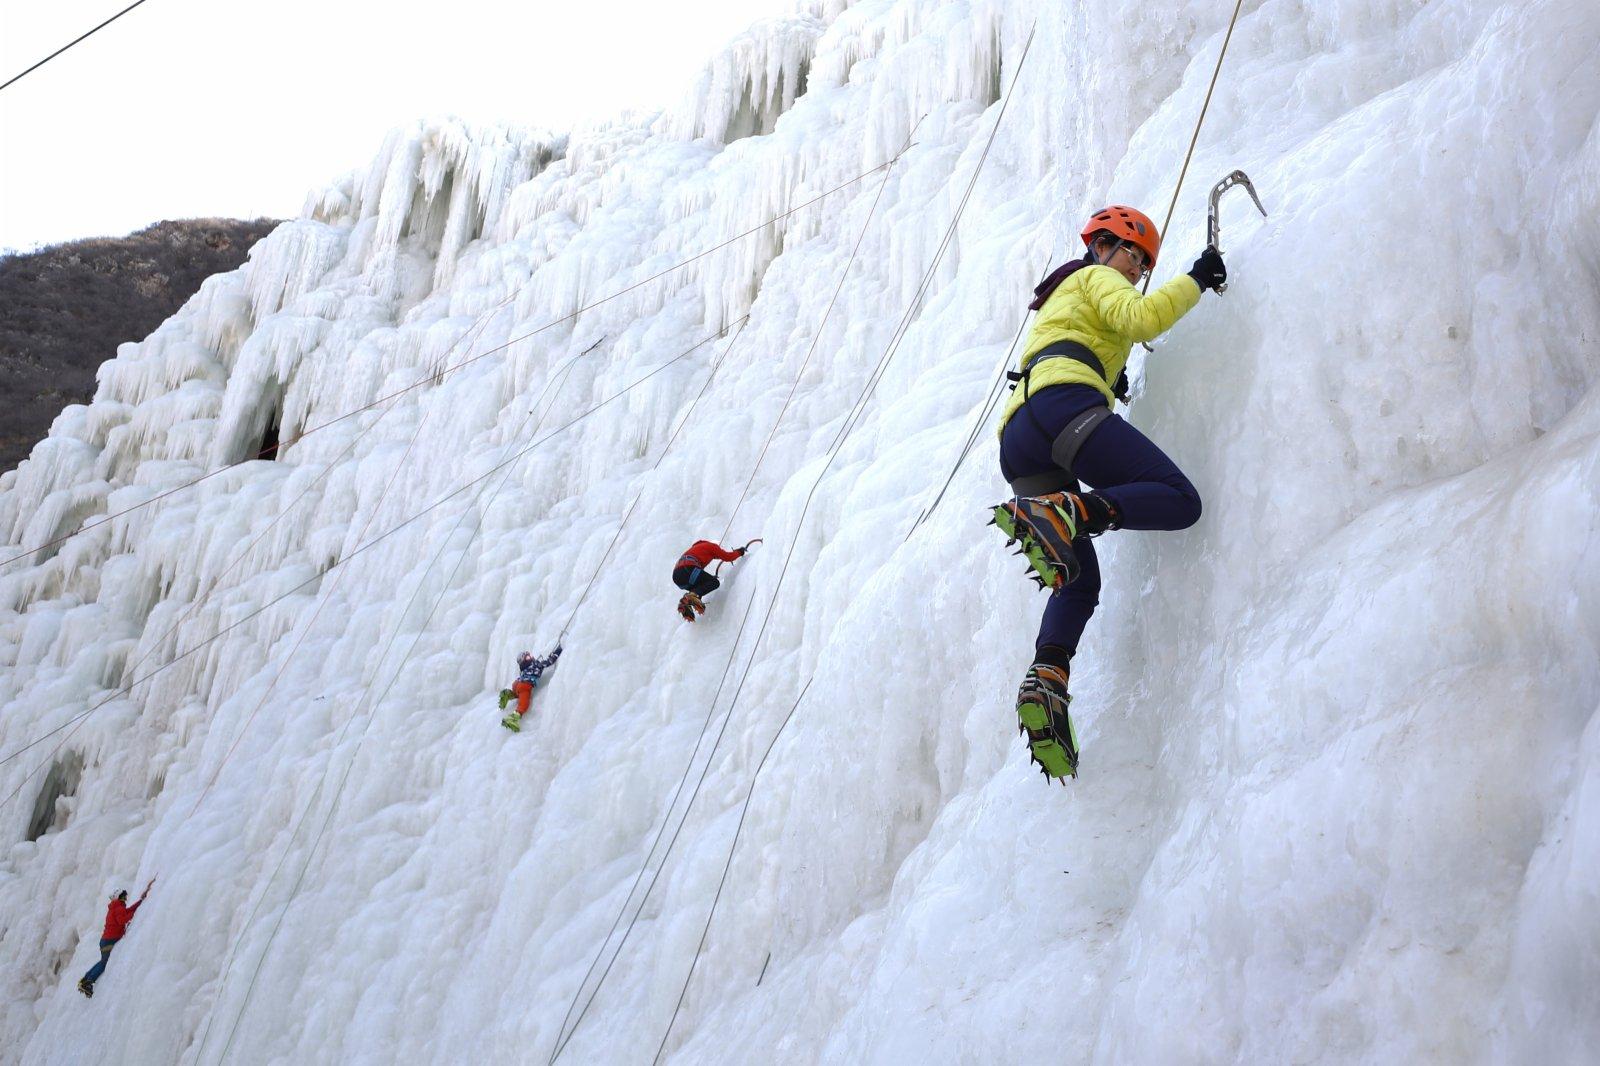 2月6日,攀冰愛好者在北京昌平區虎峪風景區攀冰場感受冰雪運動的快樂。(中新社)